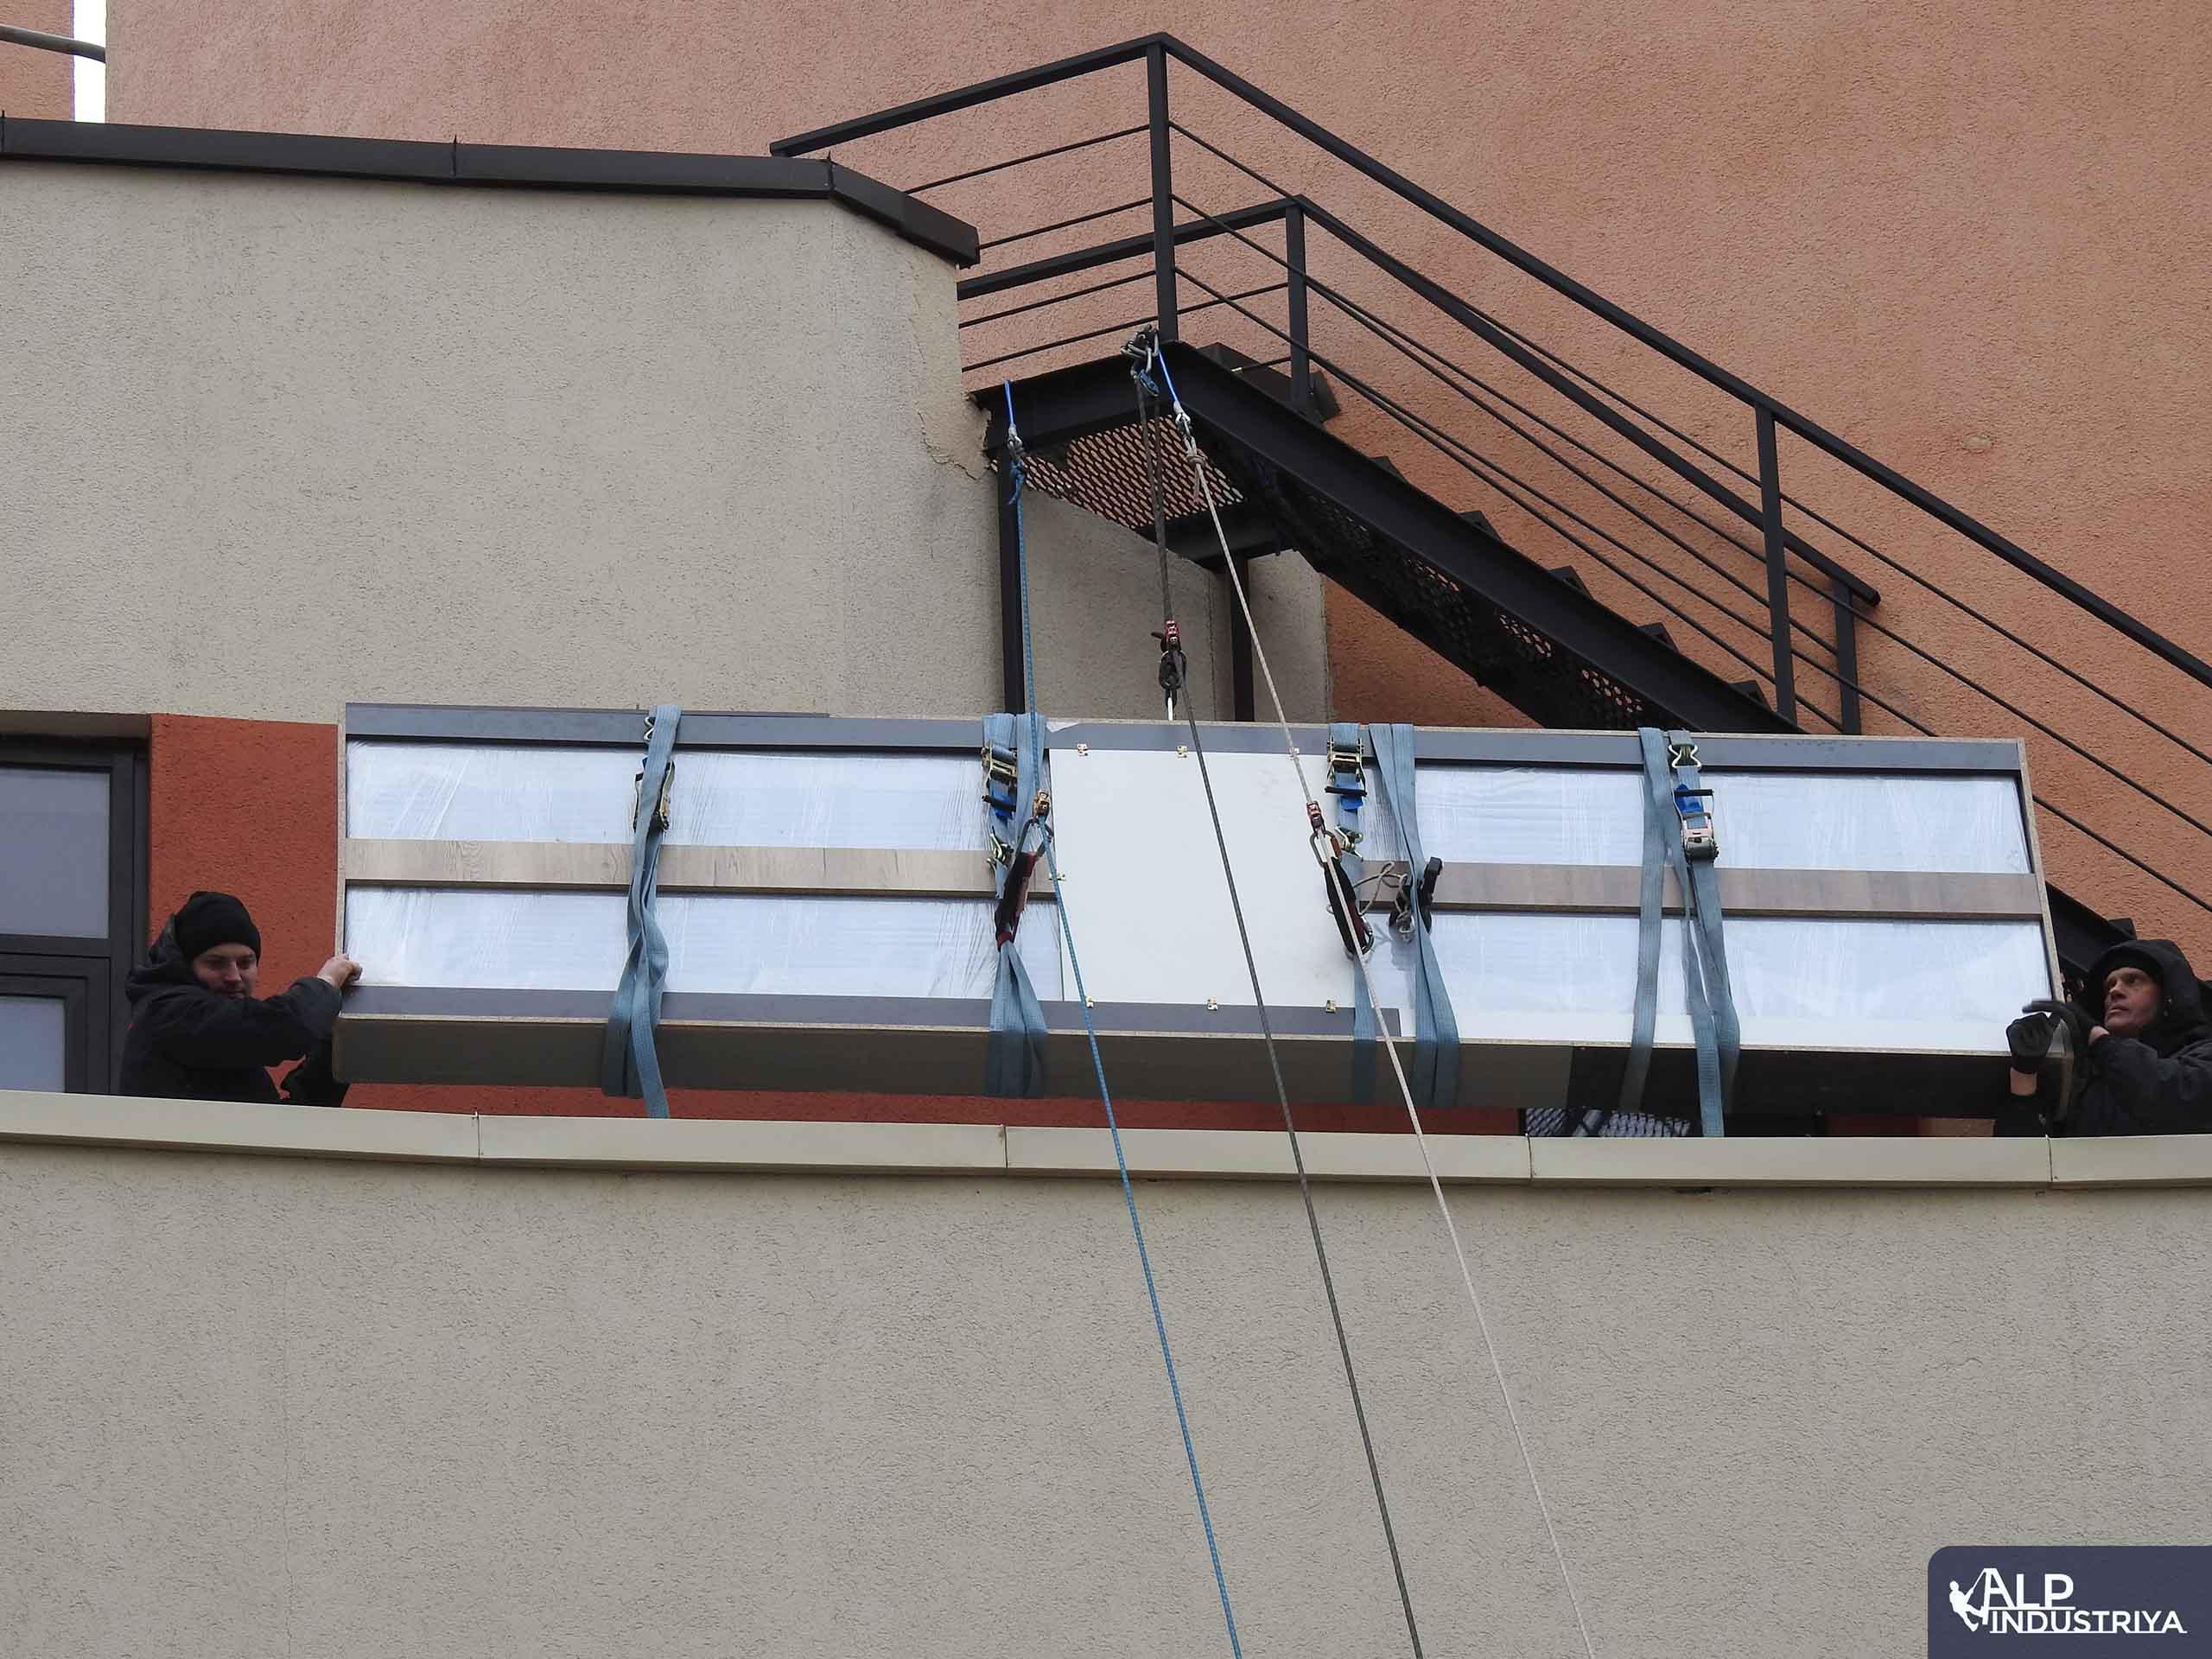 Доставка большого груза в квартиру с помощью промышленных альпинистов-6